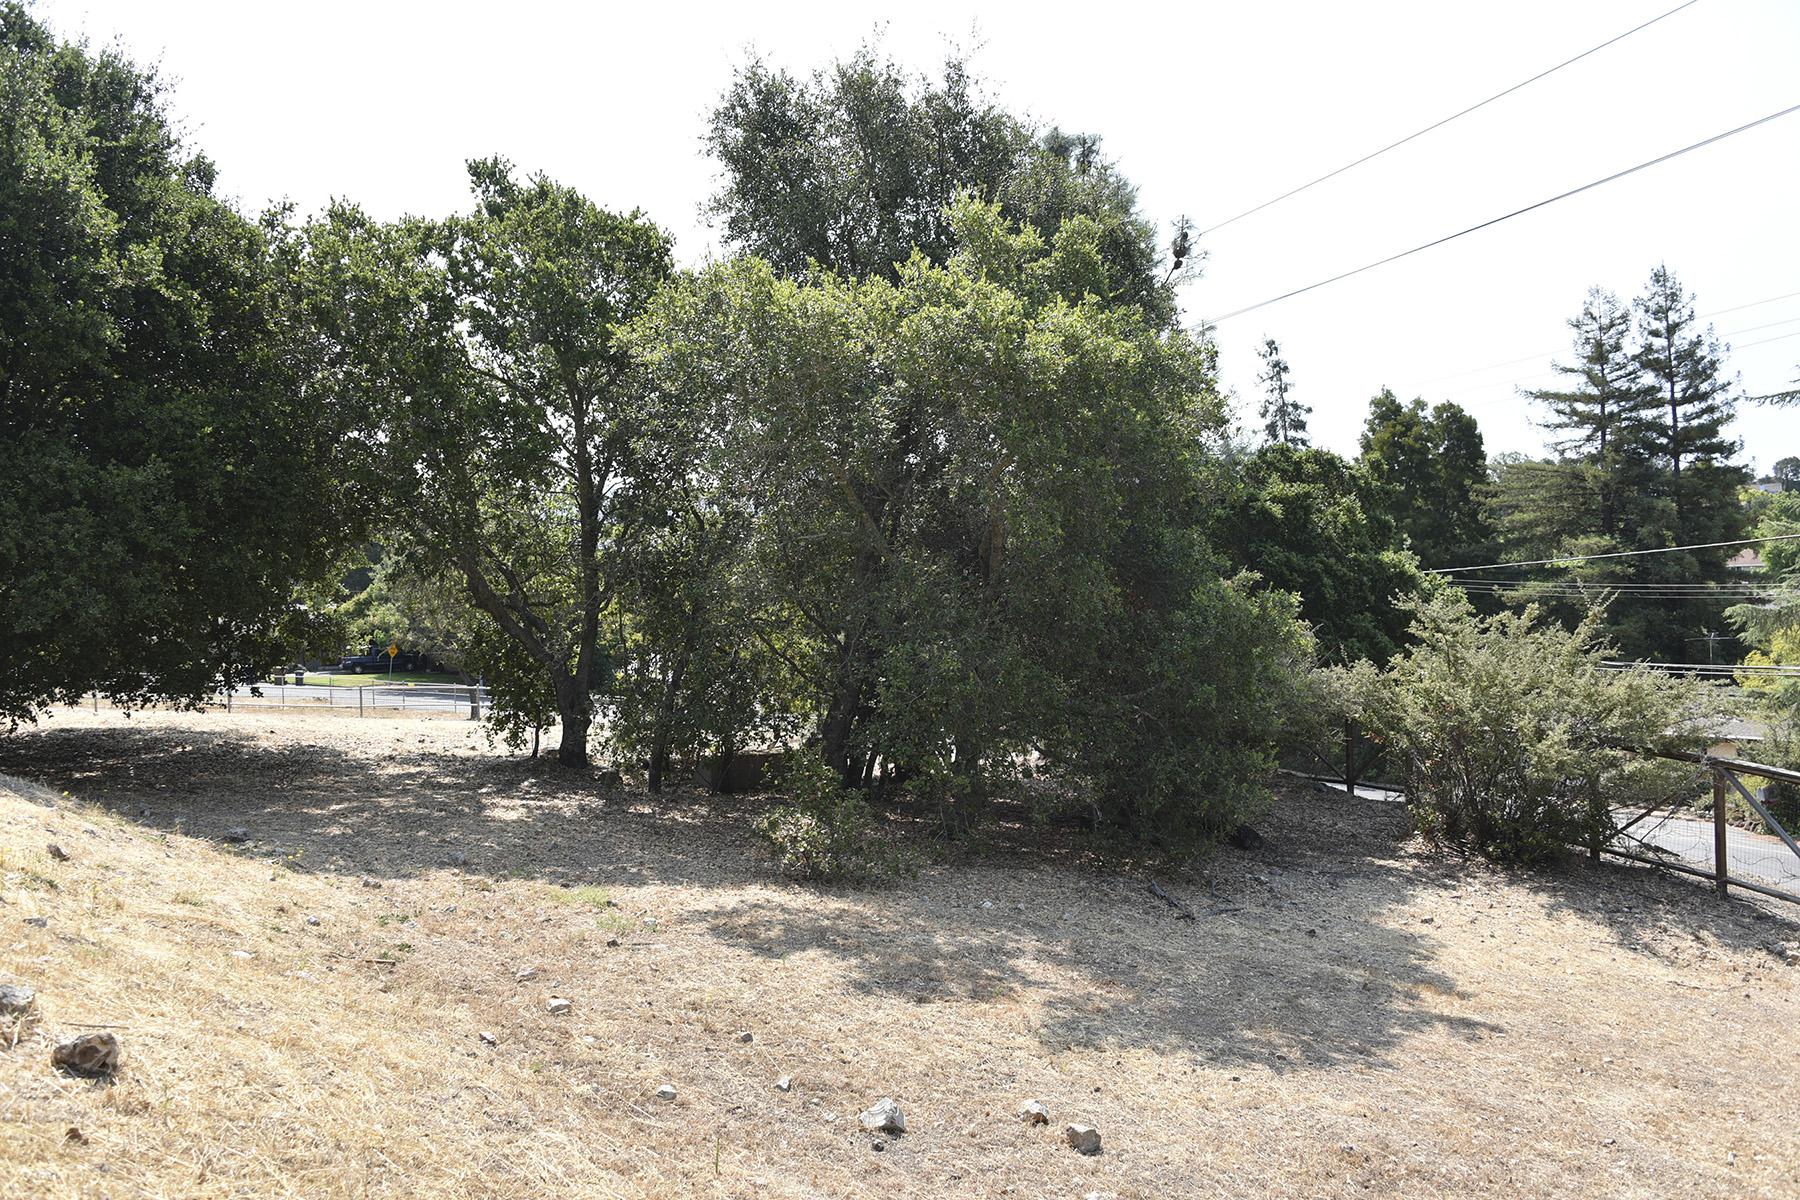 Arazi için Satış at Building Sites in a Wooded Hidden Glen Subdivision 19 Glory Court Napa, Kaliforniya, 94558 Amerika Birleşik Devletleri